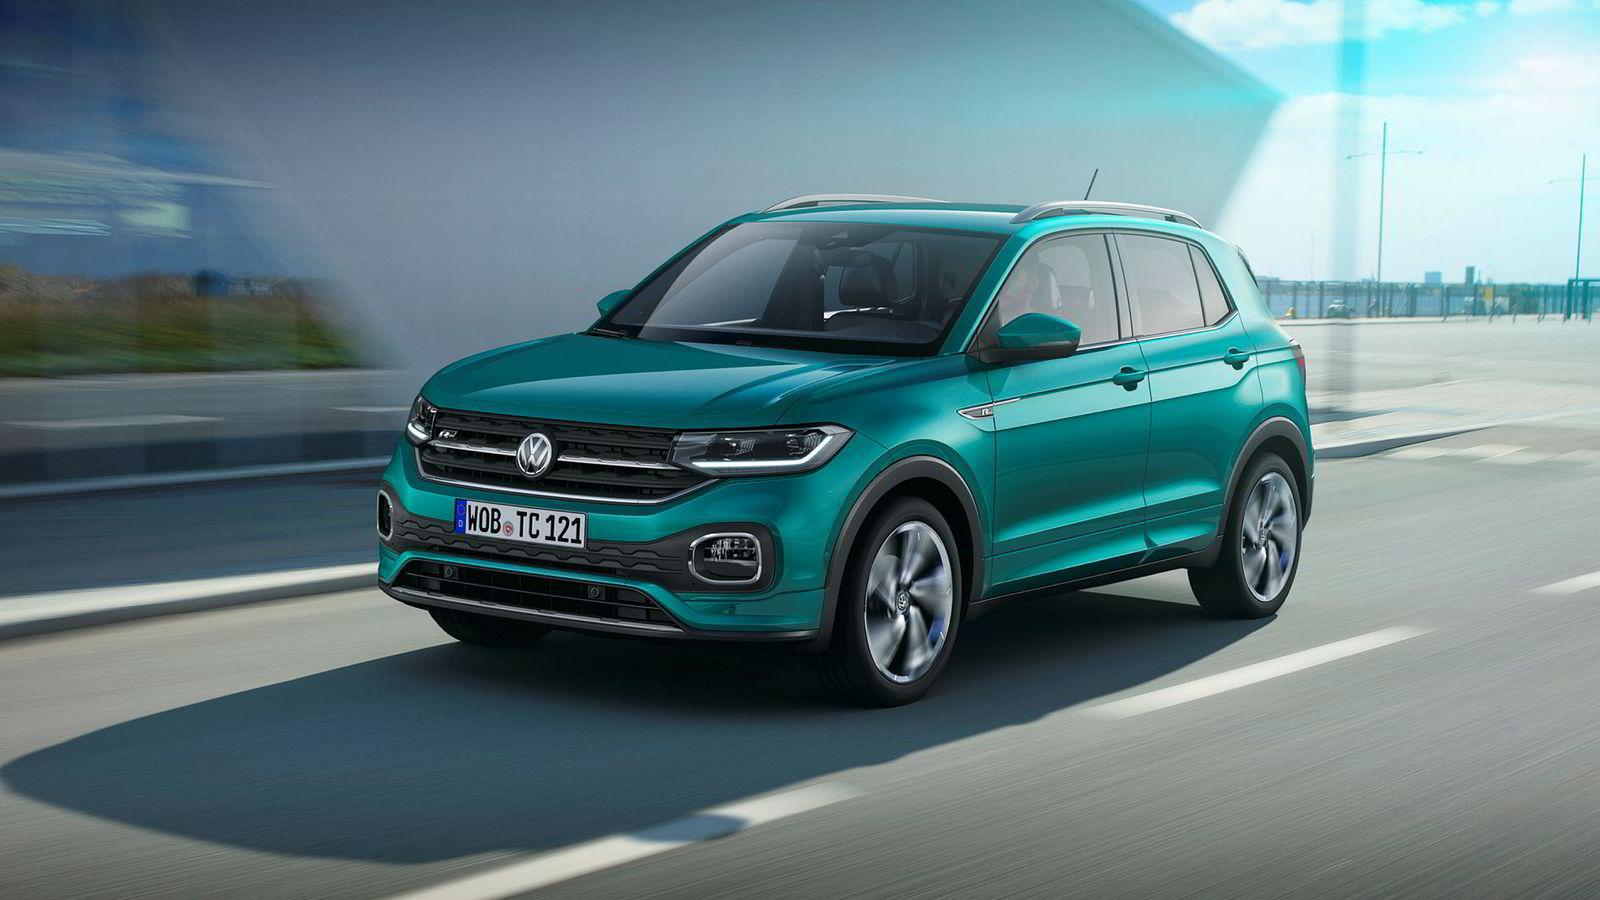 Volkswagen T-Cross går inn i den etter hvert rikholdige suv-porteføljen til Volkswagen.